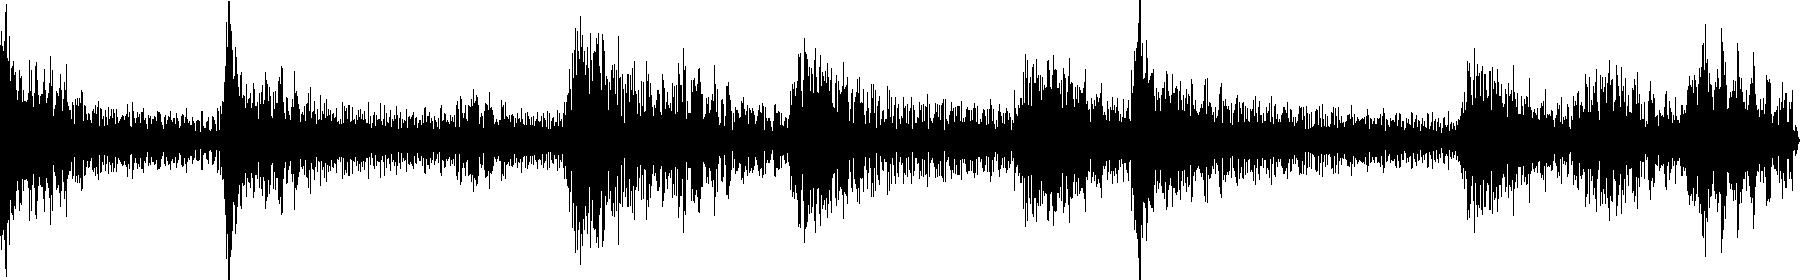 rp acousticstrum c 140